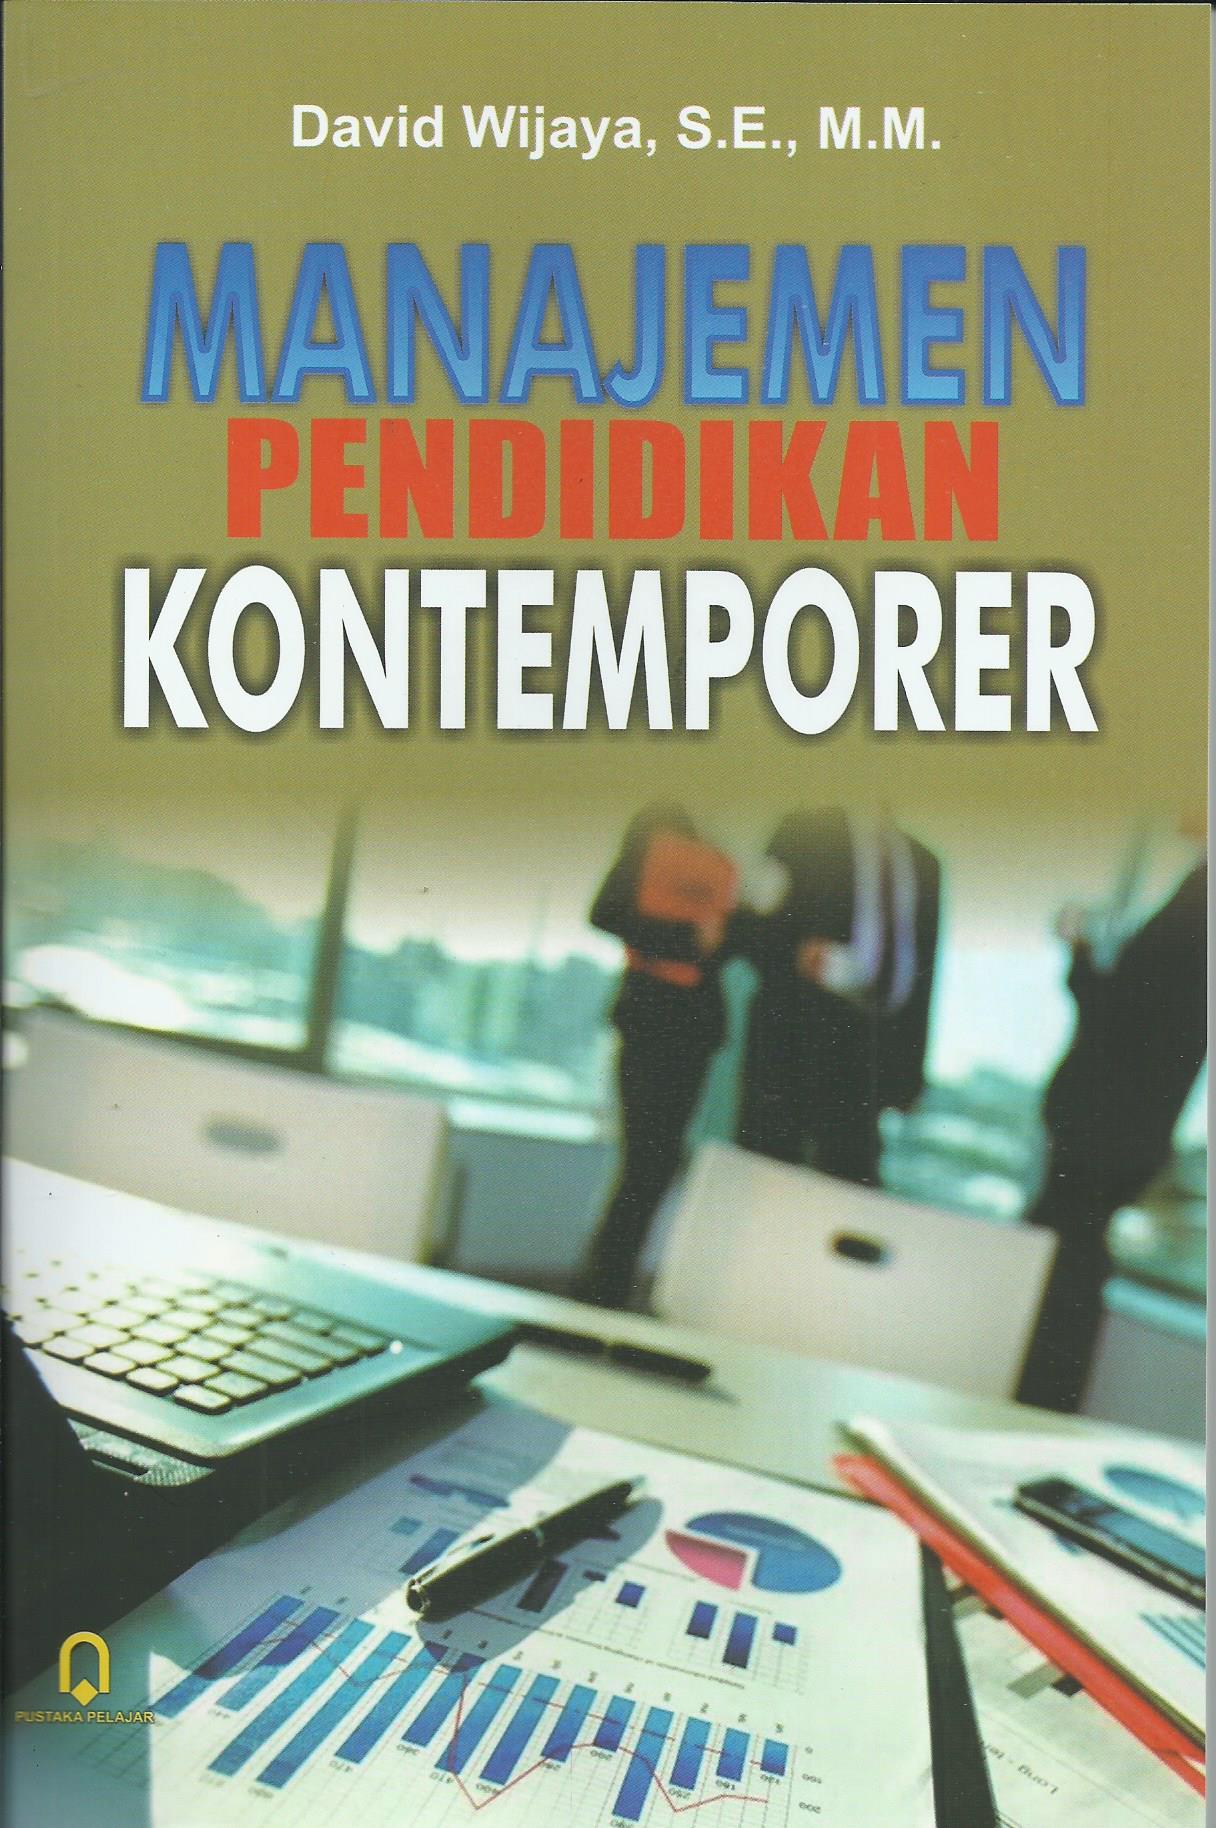 Manajemen Pendidikan Kontemporer